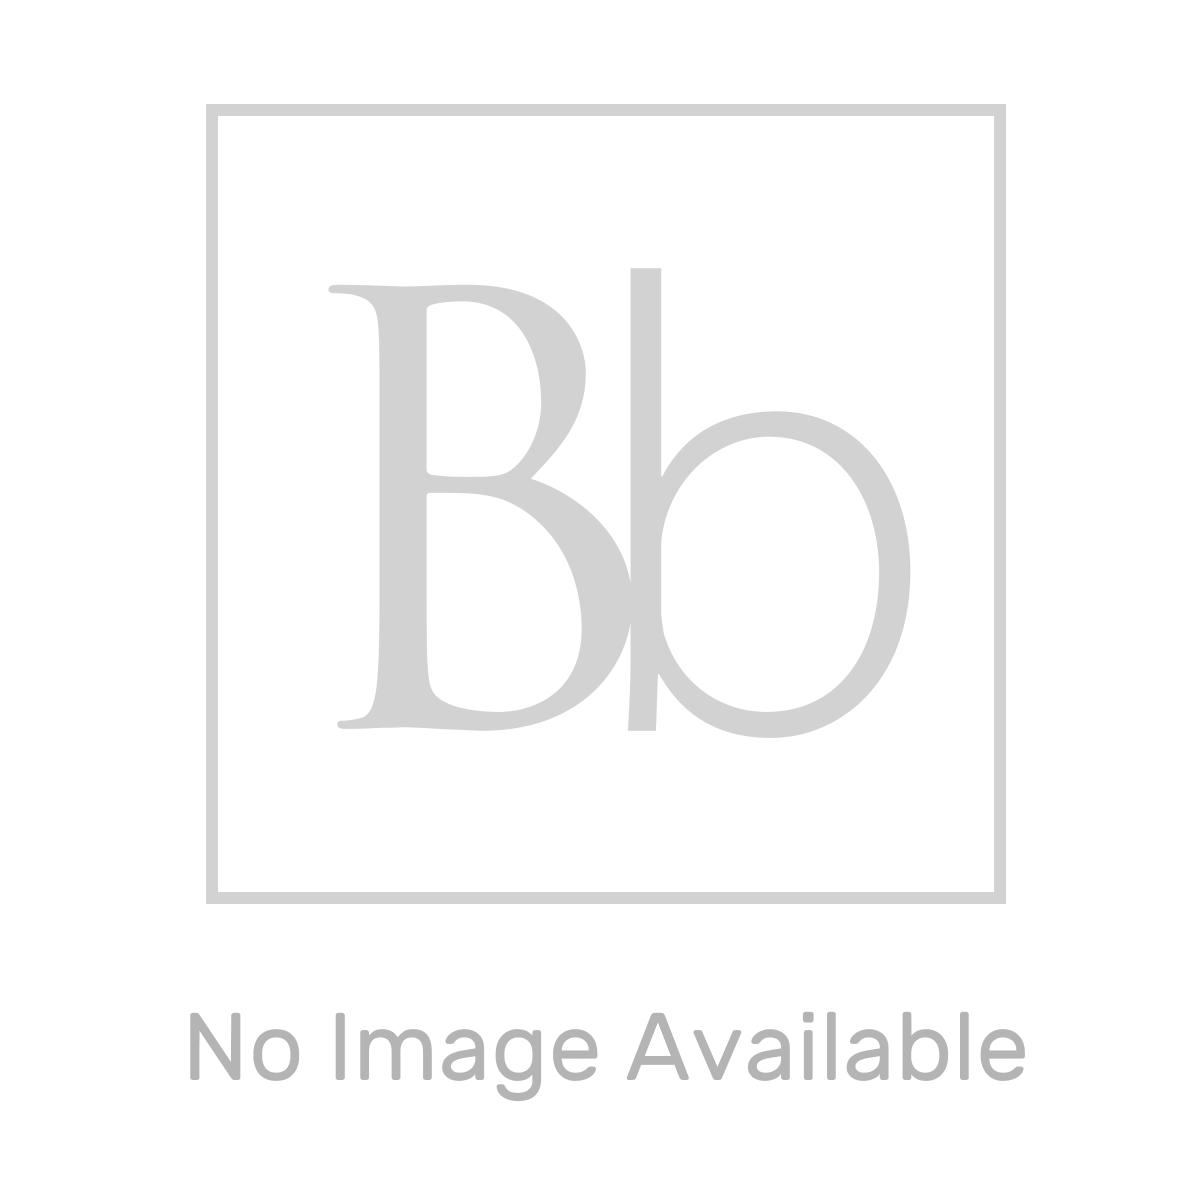 Frontline Sleek Bath Shower Mixer Tap